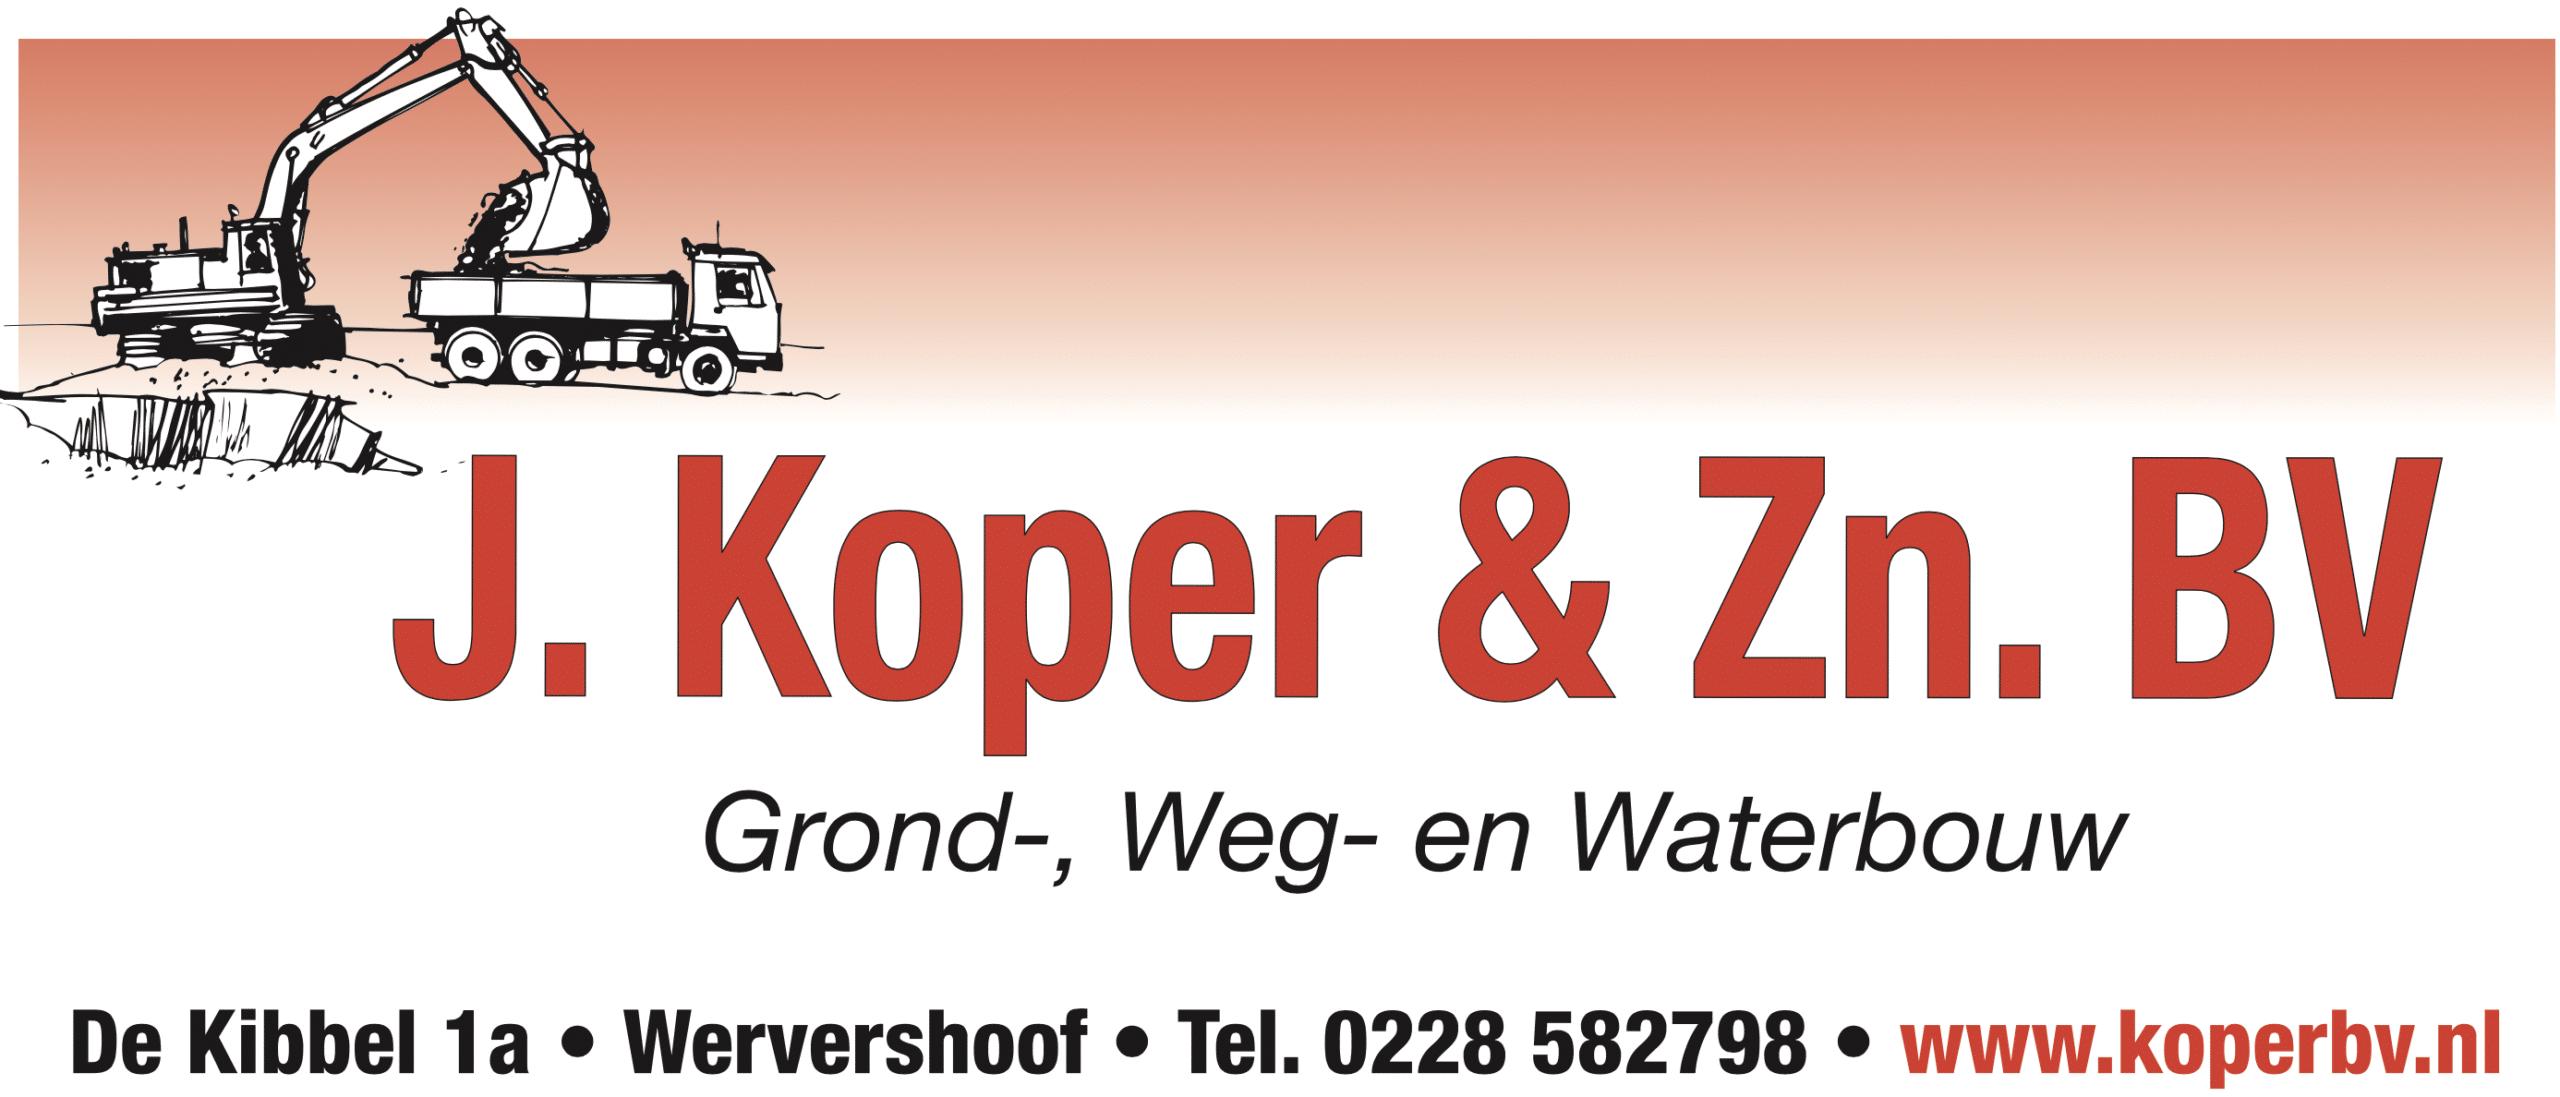 Koper : Brand Short Description Type Here.